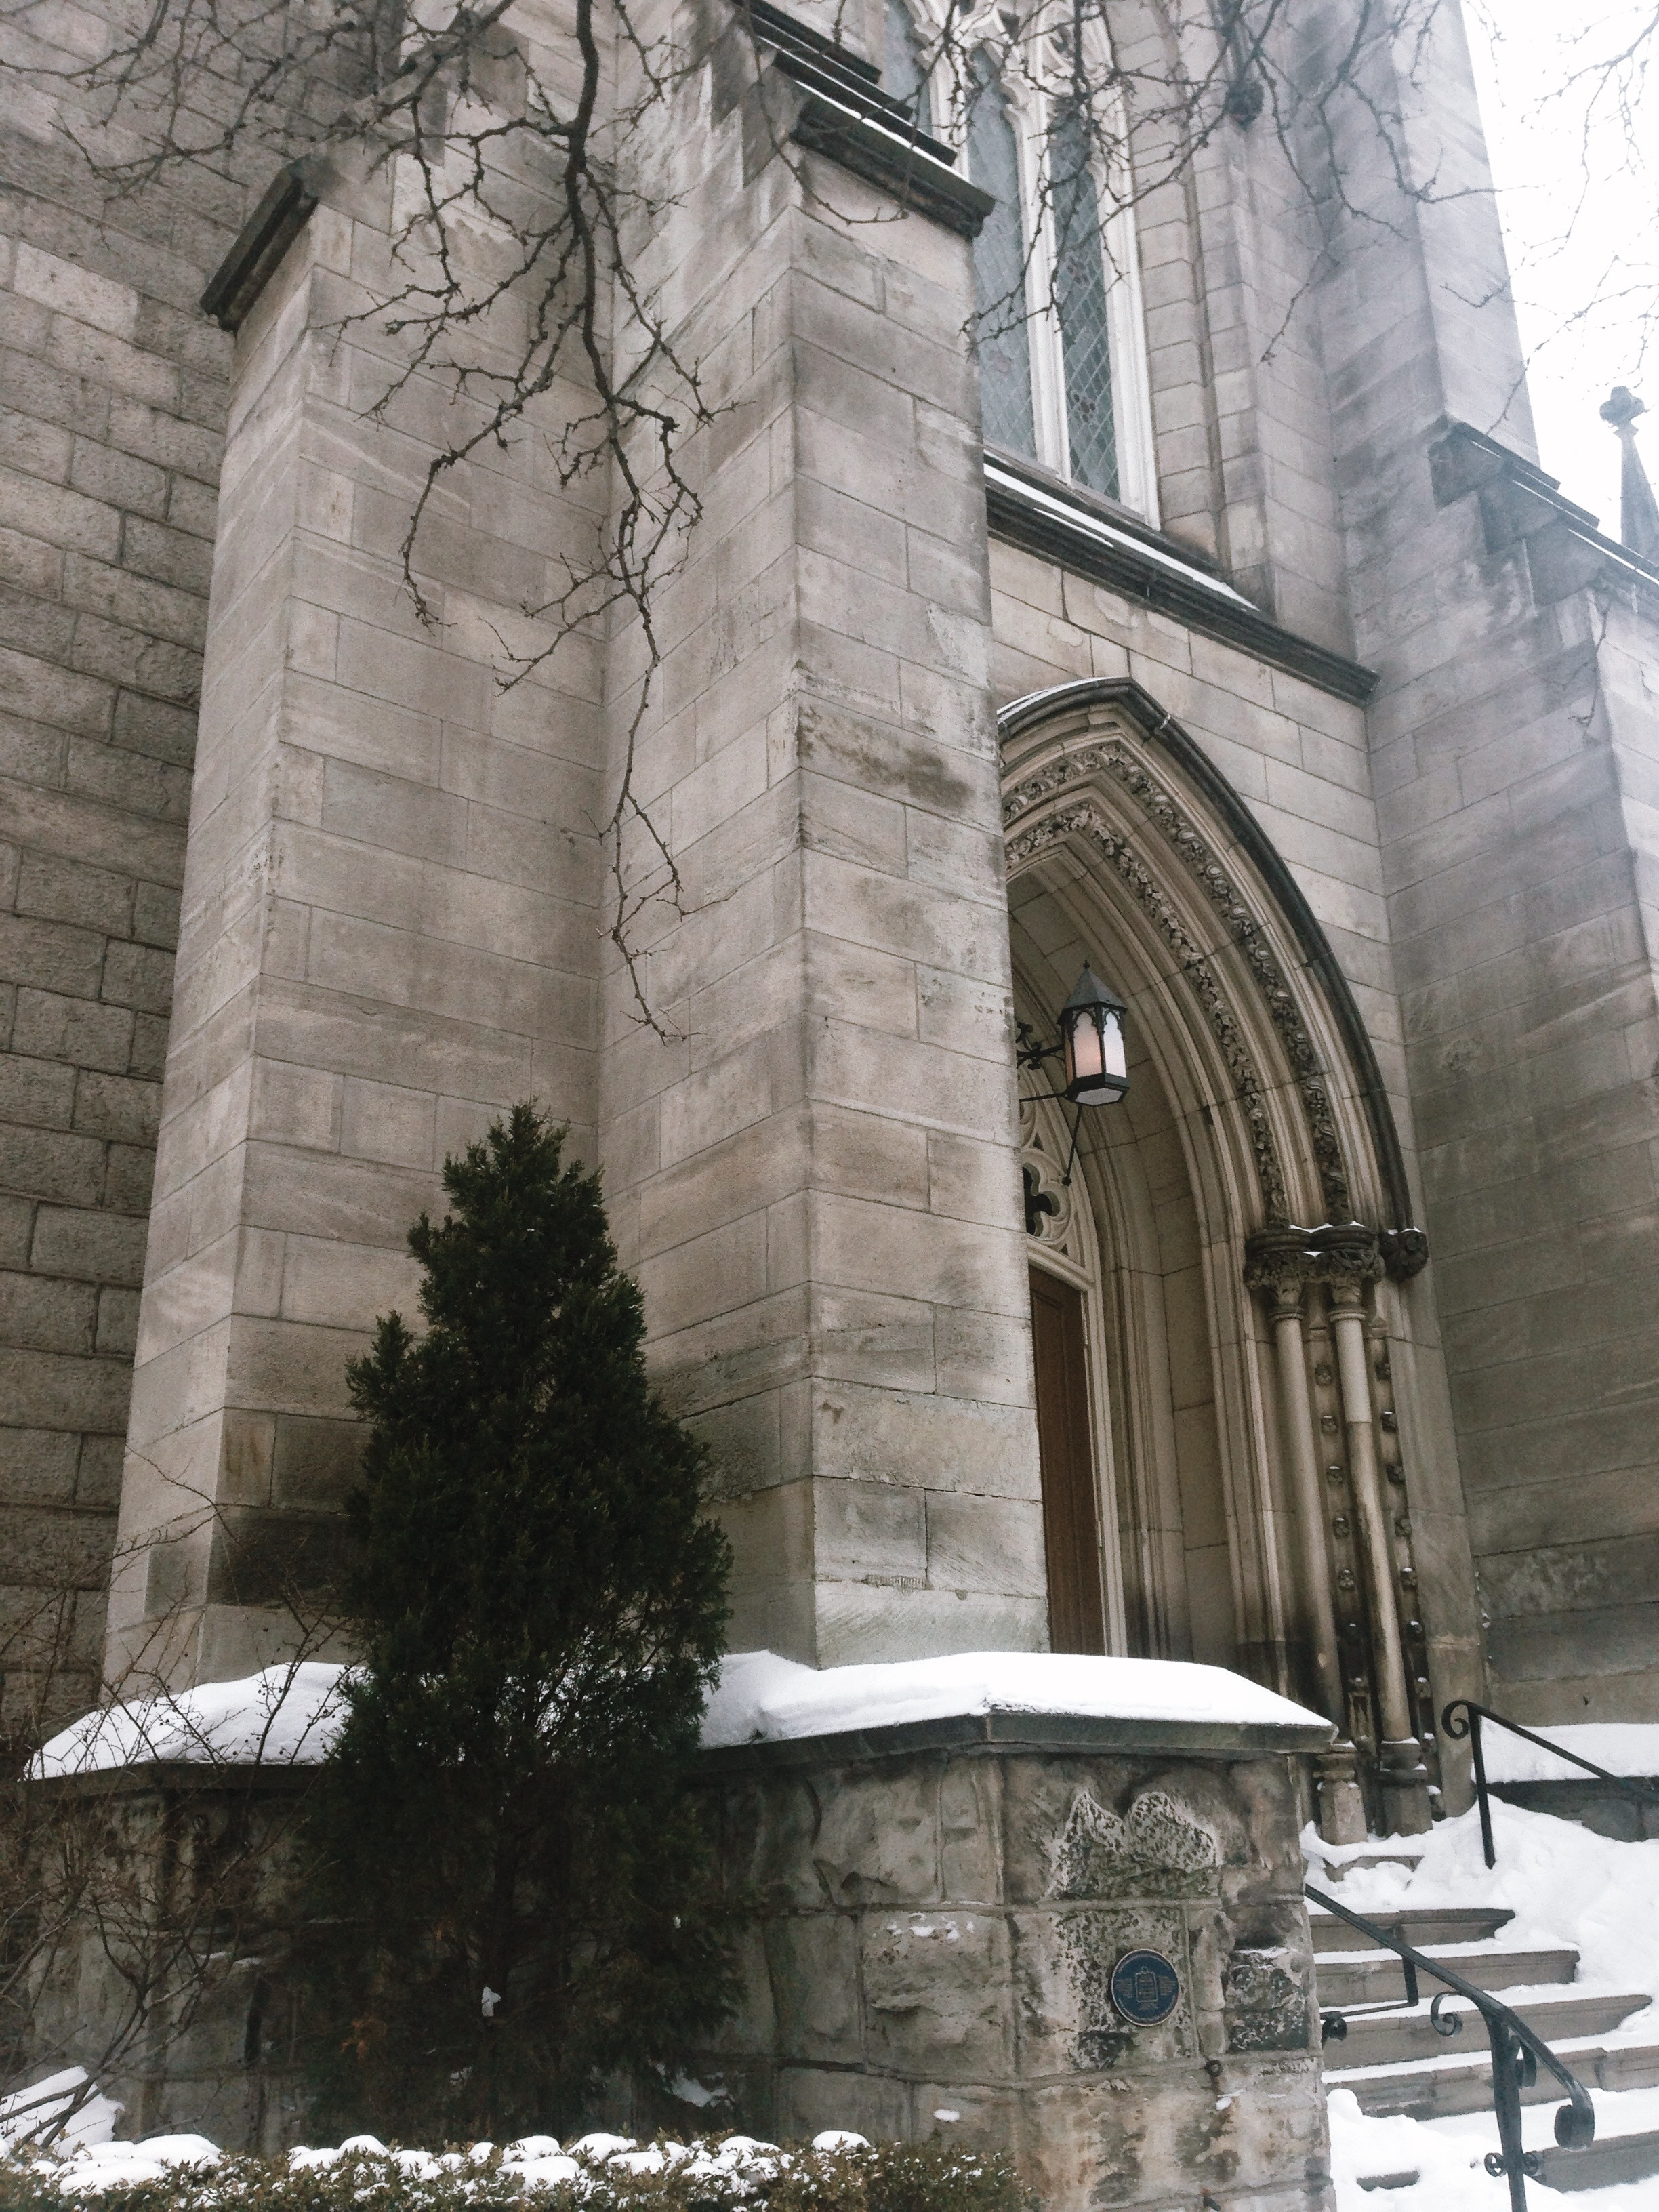 Old Baptist Church on James St. N where I found the dead bird.